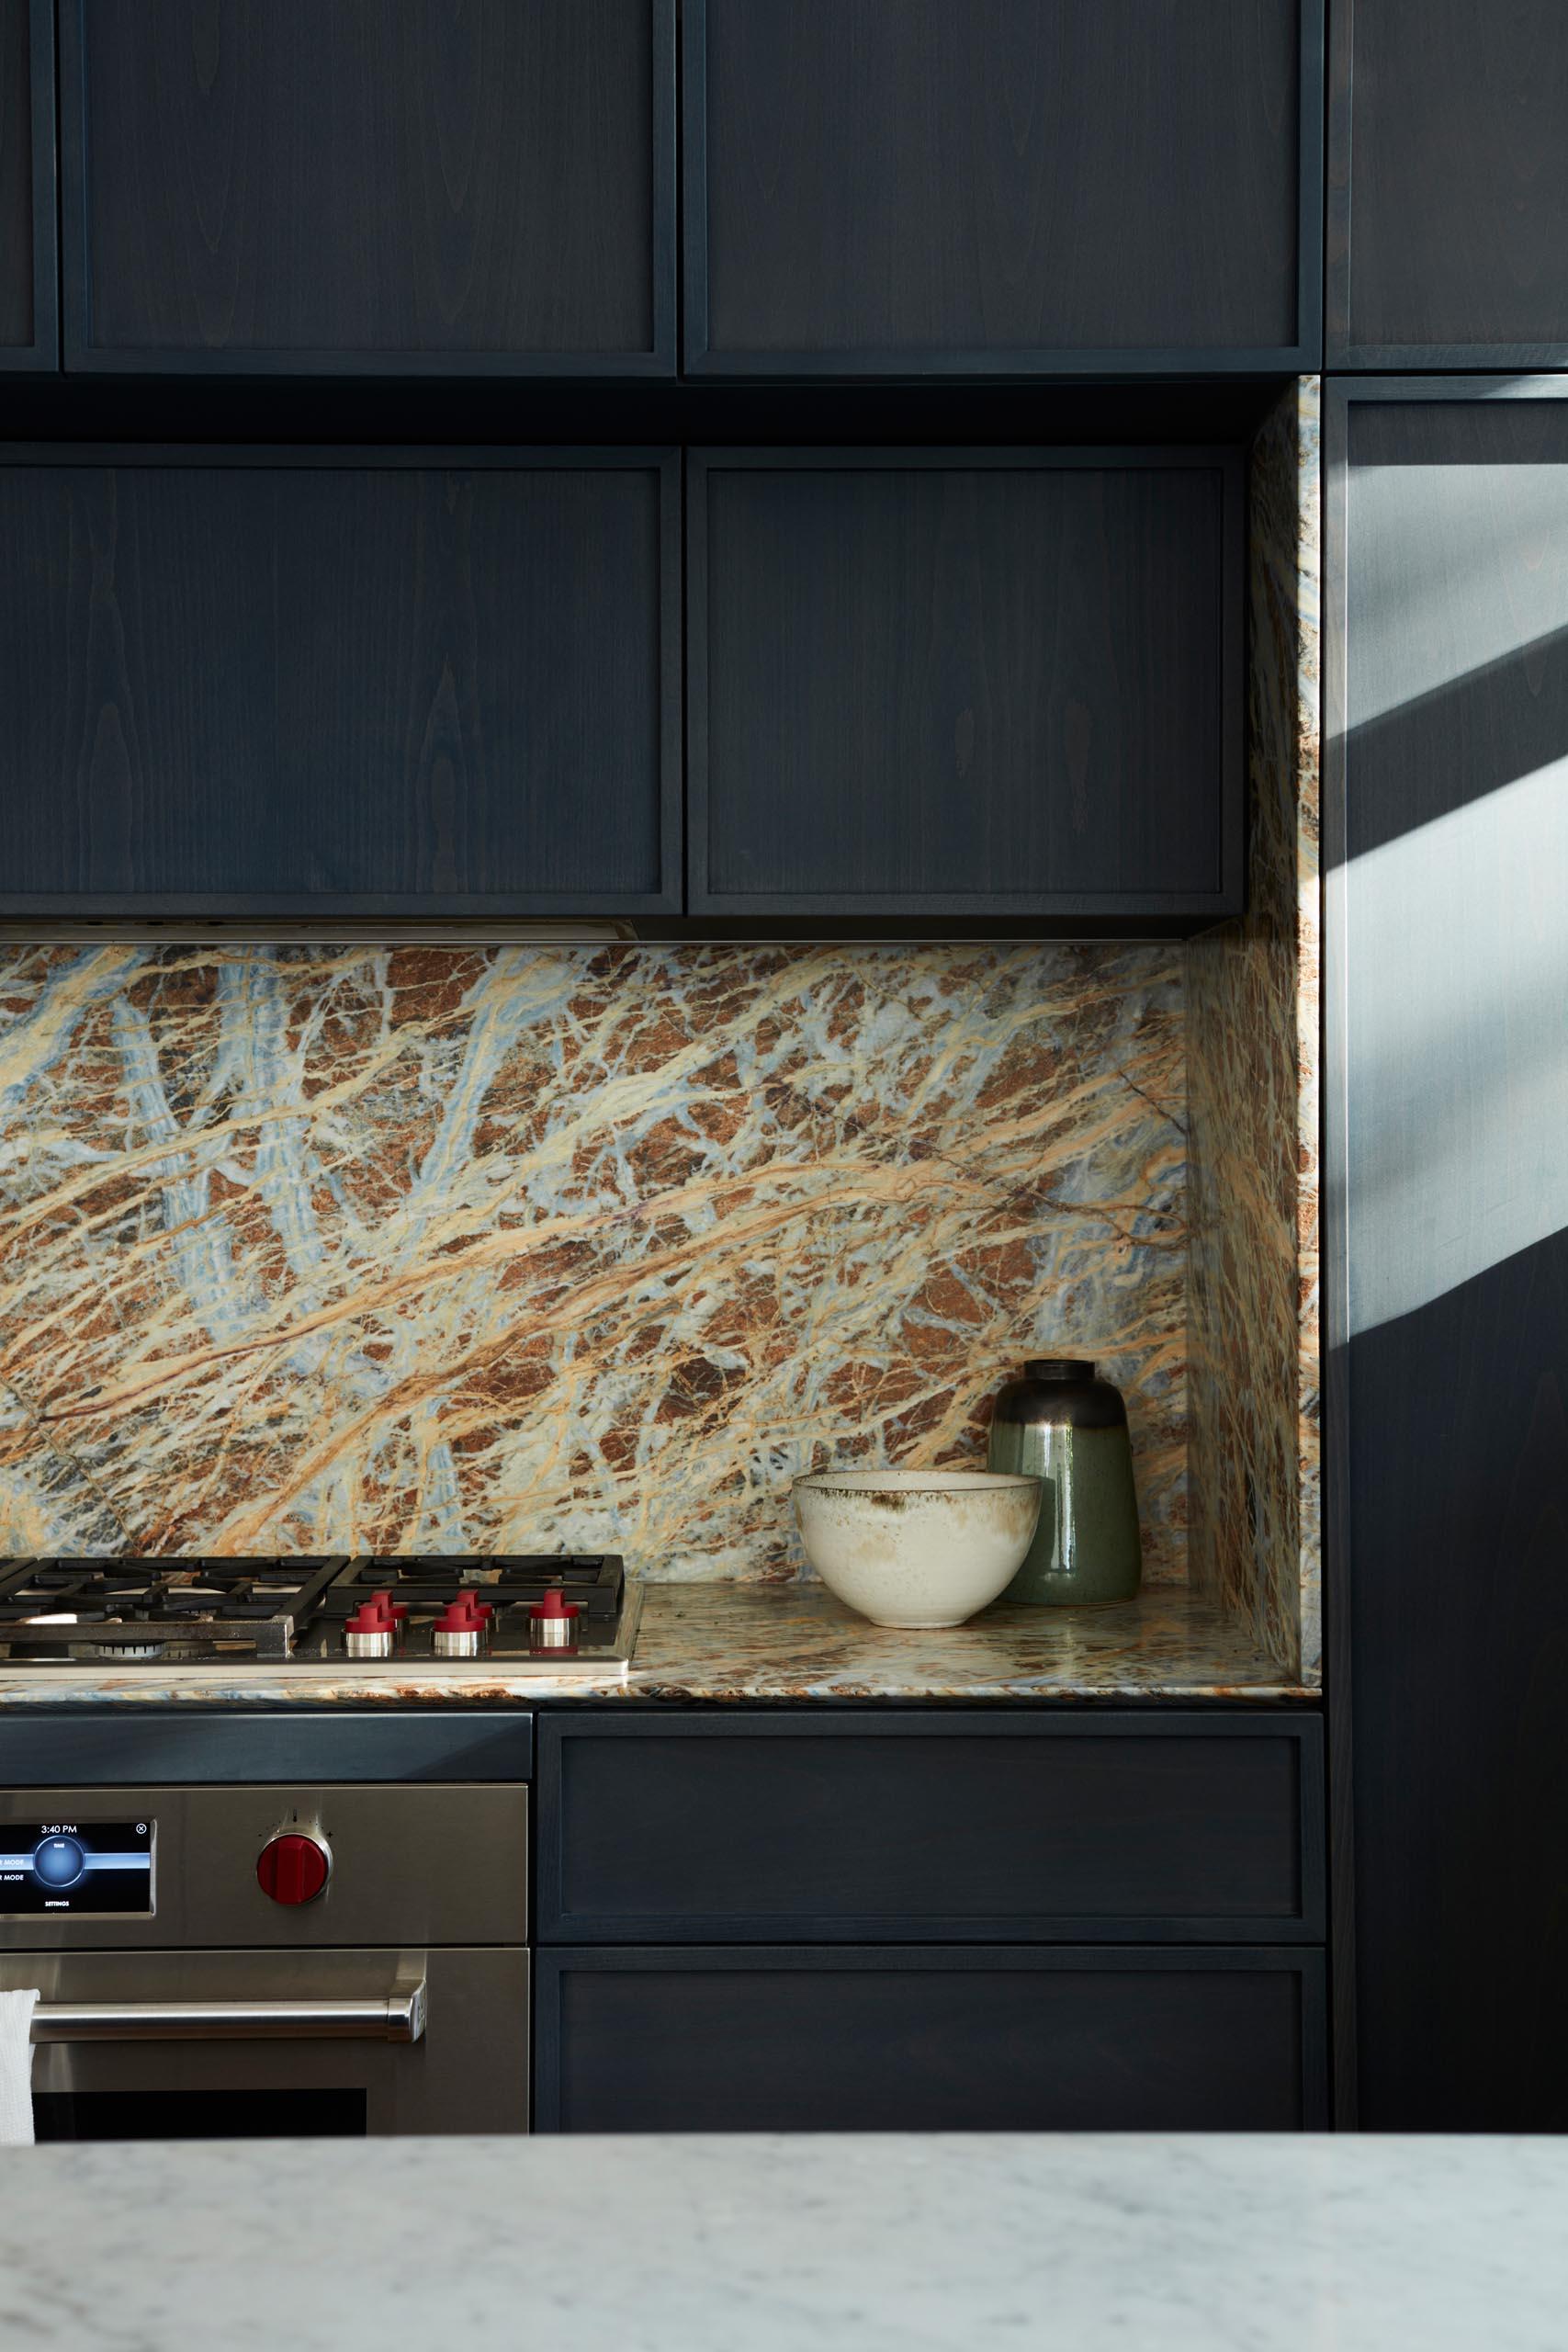 A modern kitchen with dark hardware free cabinets.